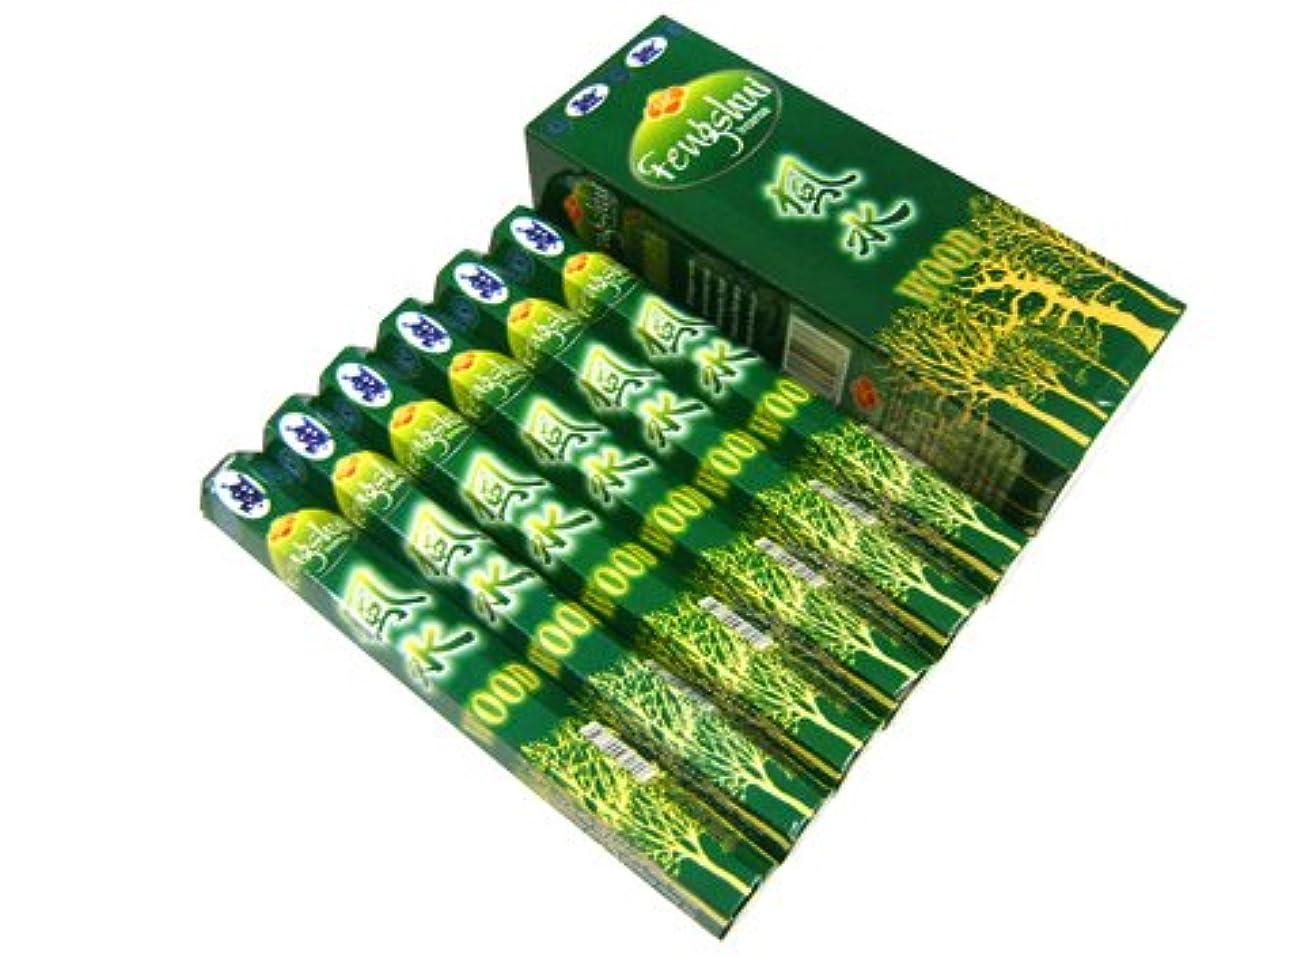 キャラバンジャンル終了するSANDESH SAC (サンデッシュ) 風水香(ウッド) スティック FENGSHUI WOOD 6箱セット